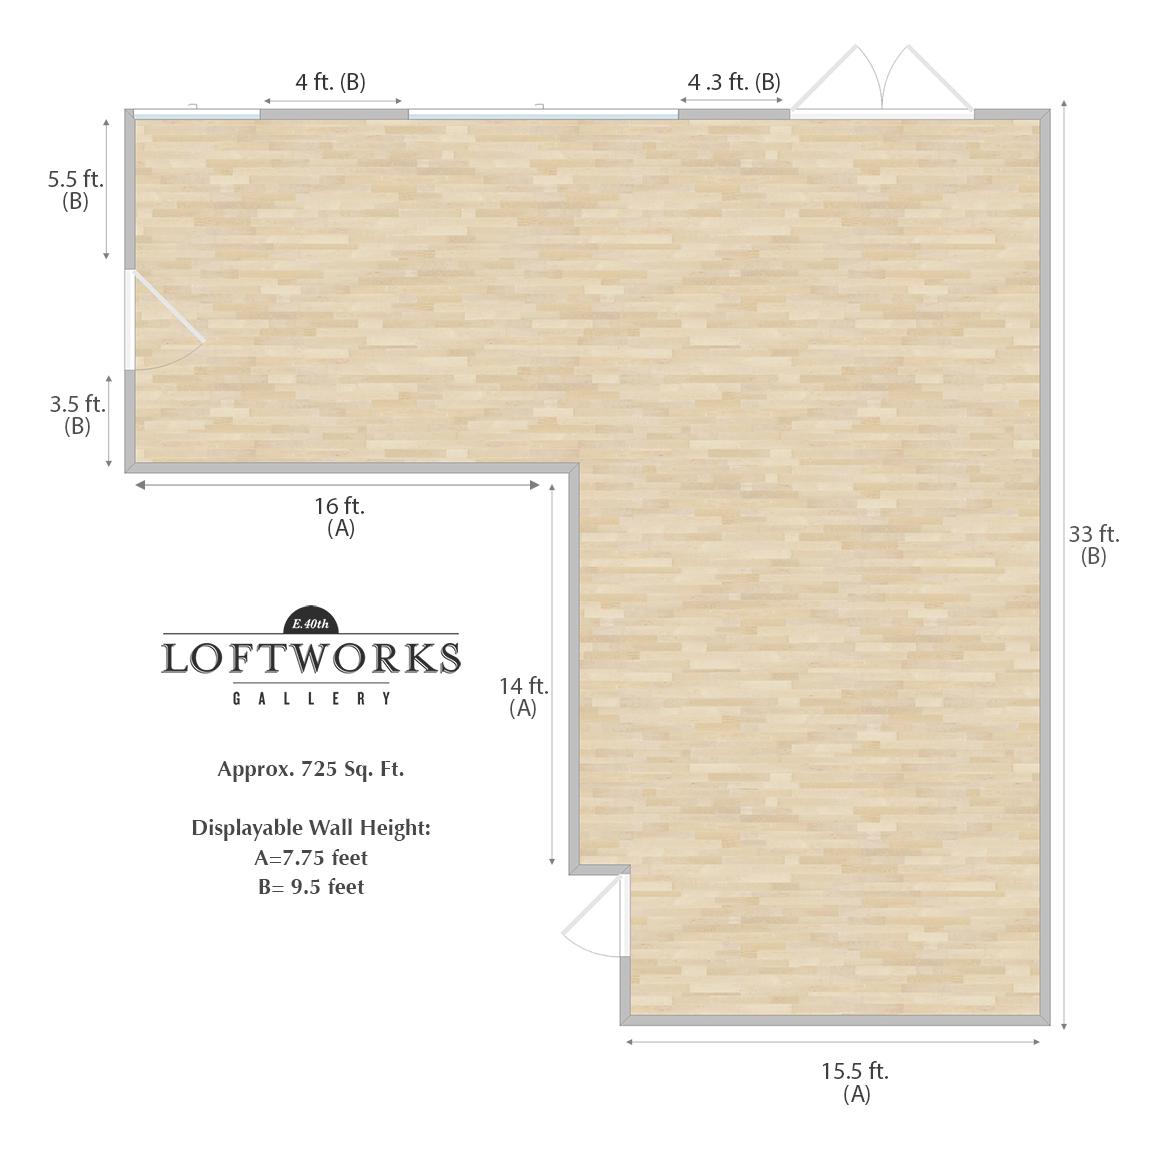 LWGalerry FloorPlan_COLOR.jpg